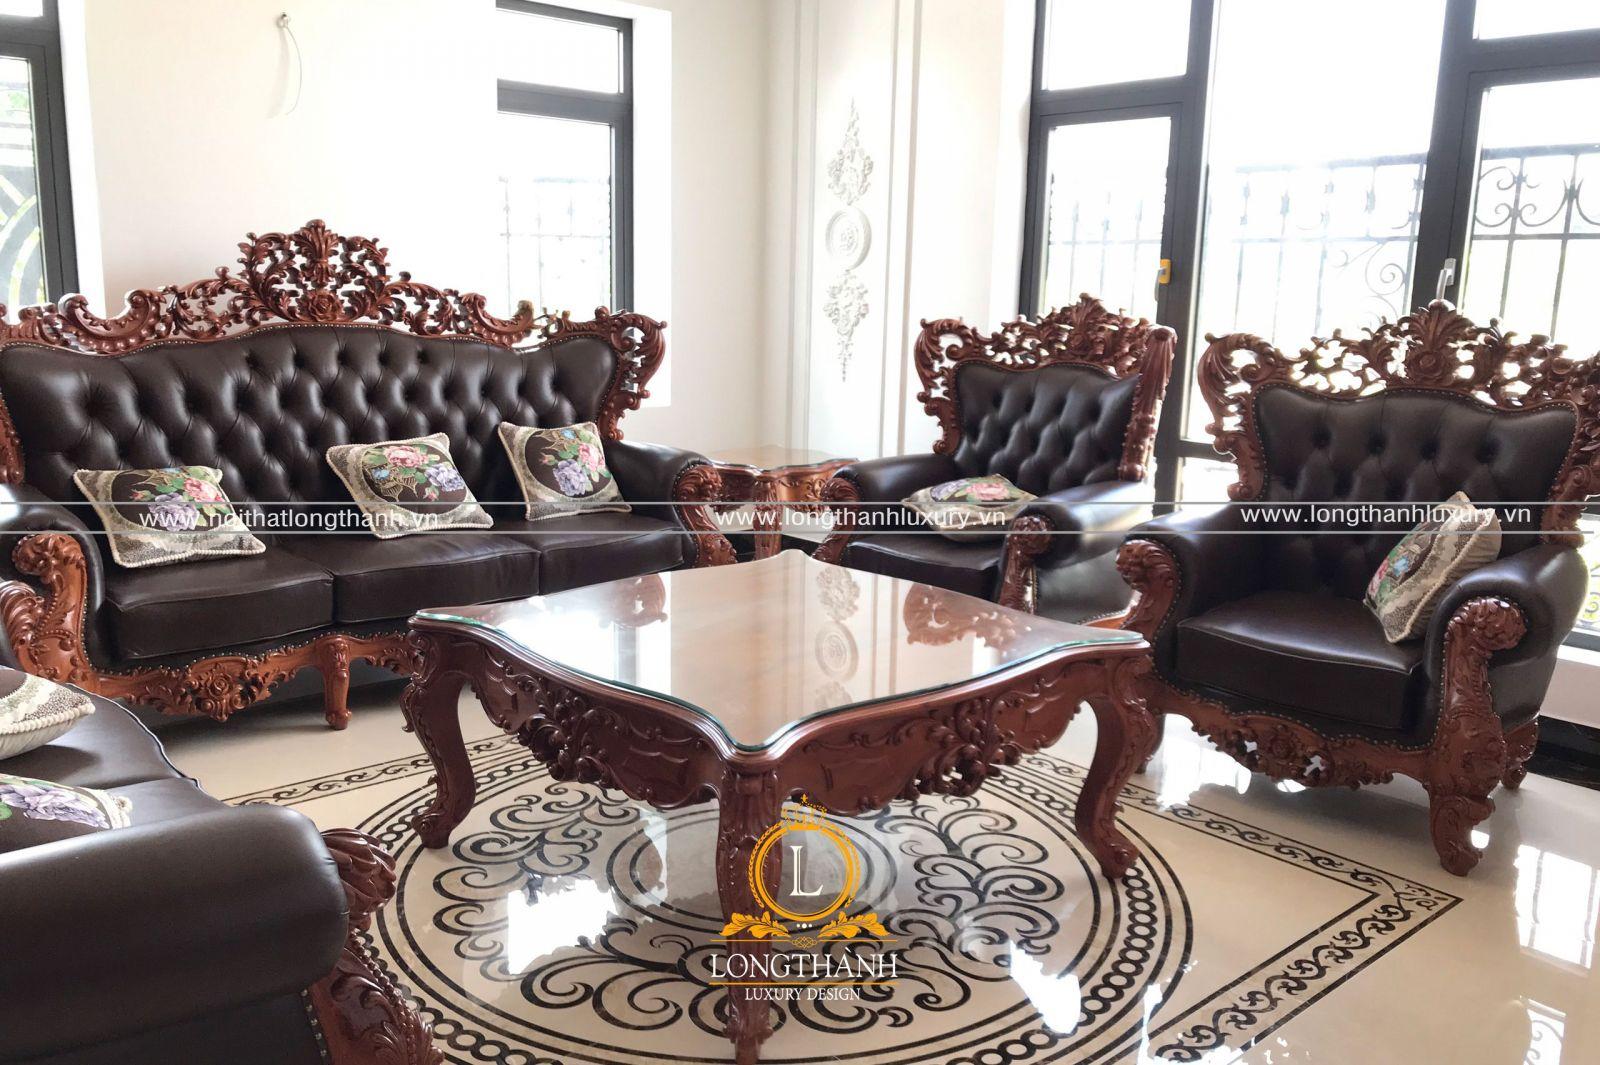 Mẫu sofa tân cổ điển bọc chất liệu da tự nhiên cao cấp